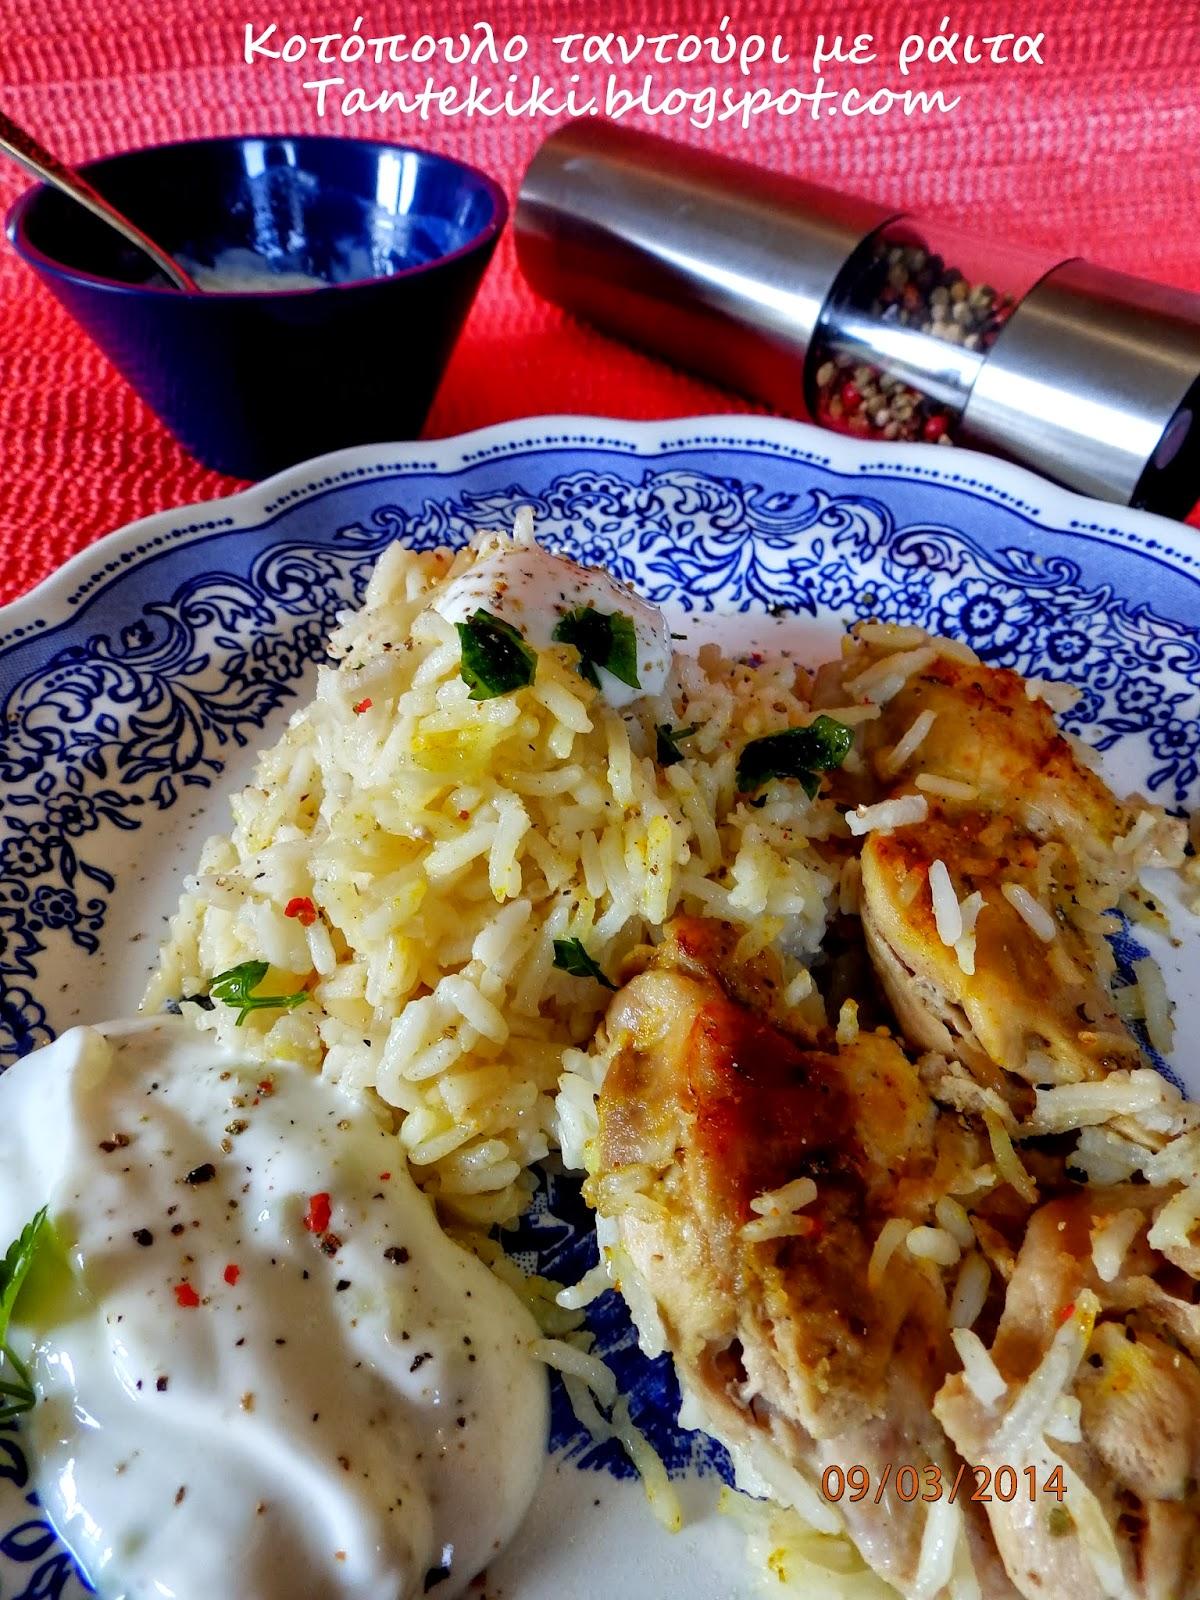 Κοτόπουλο ταντούρι με ρύζι μπασμάτι και ράιτα